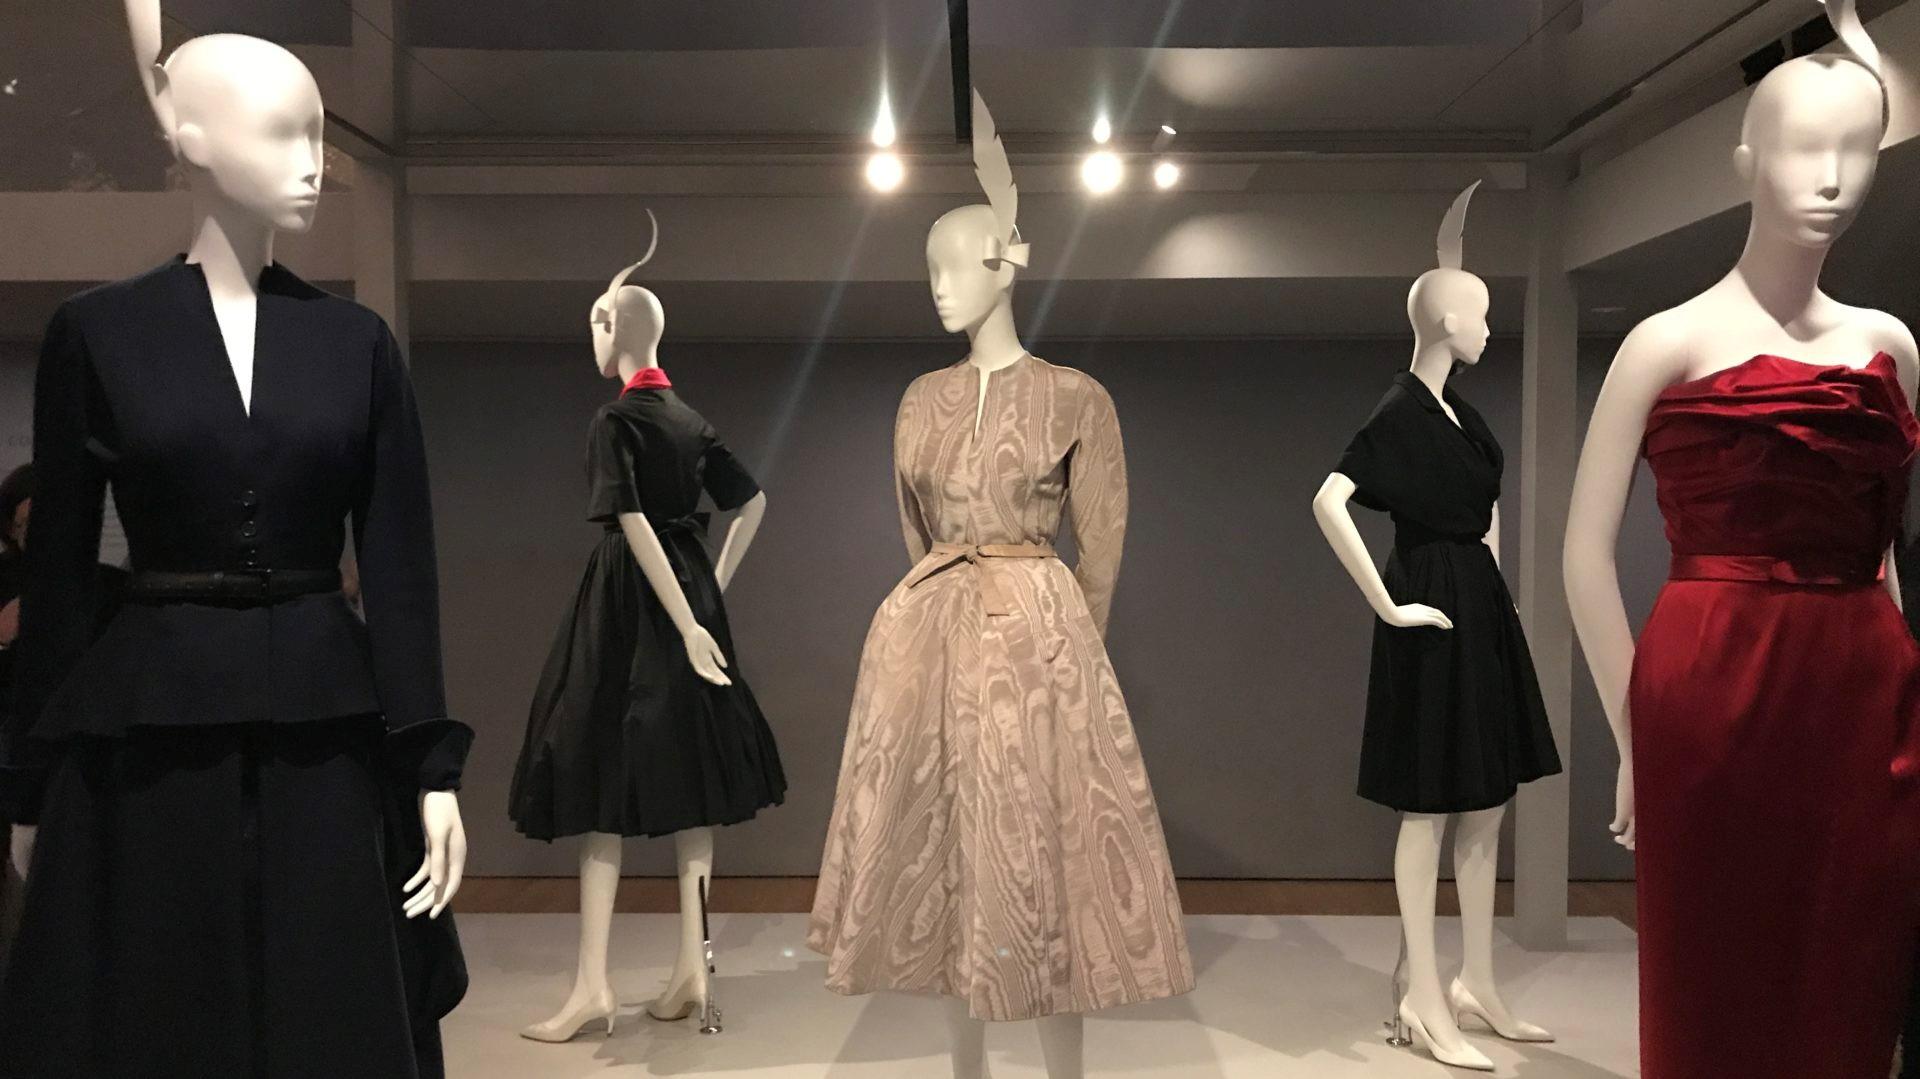 آموزش طراحی لباس بر پایهی خلاقیت، انسجام و هماهنگی